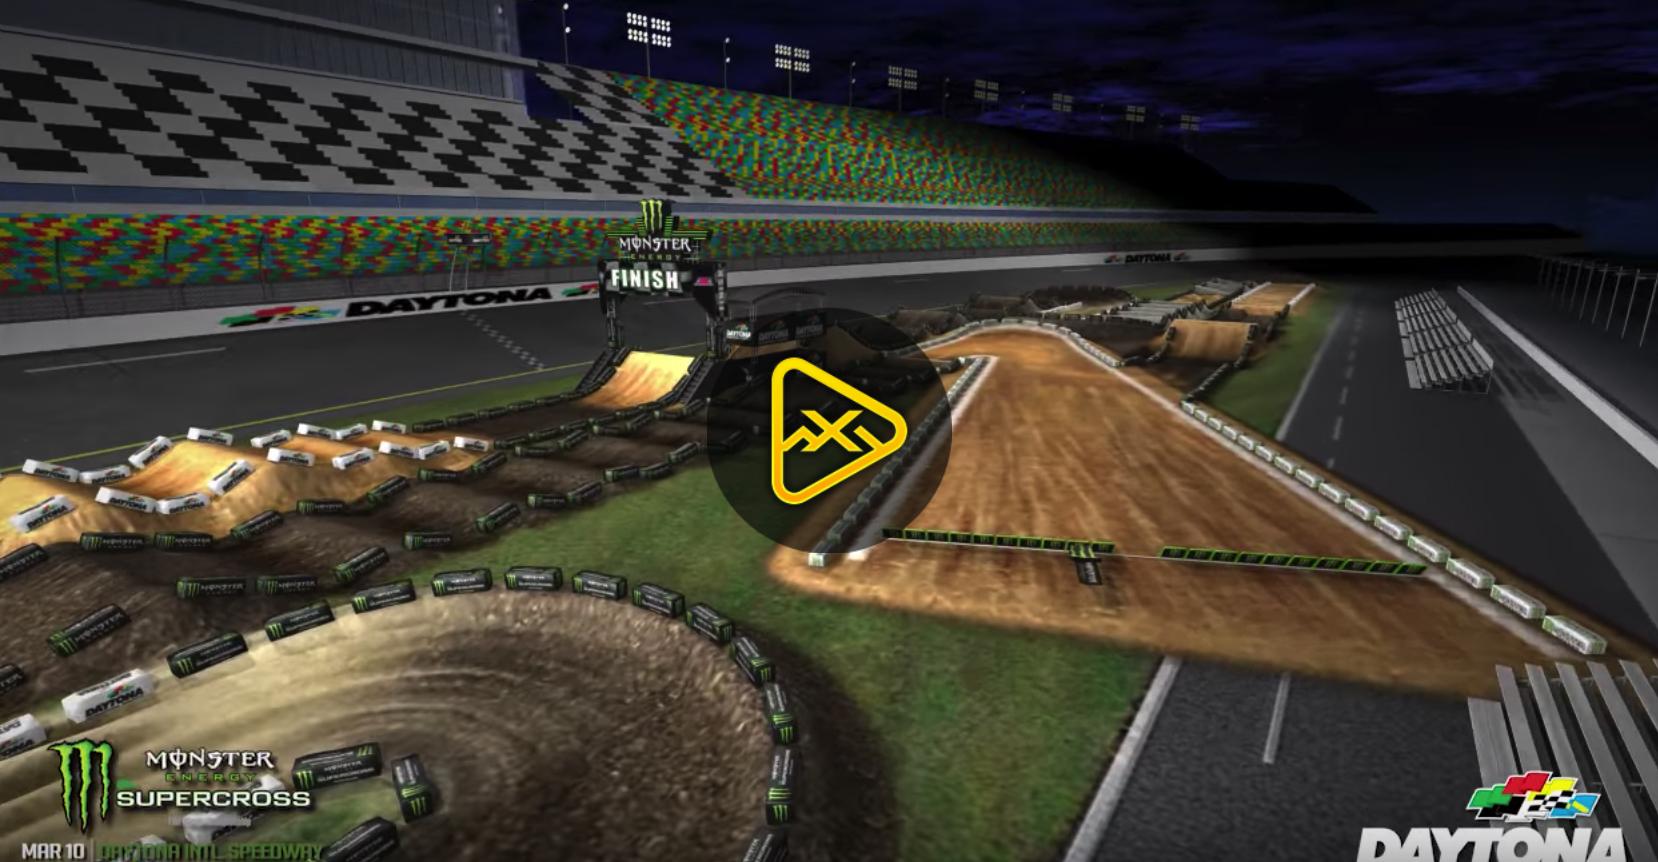 2018 Daytona SX Animated Track Map